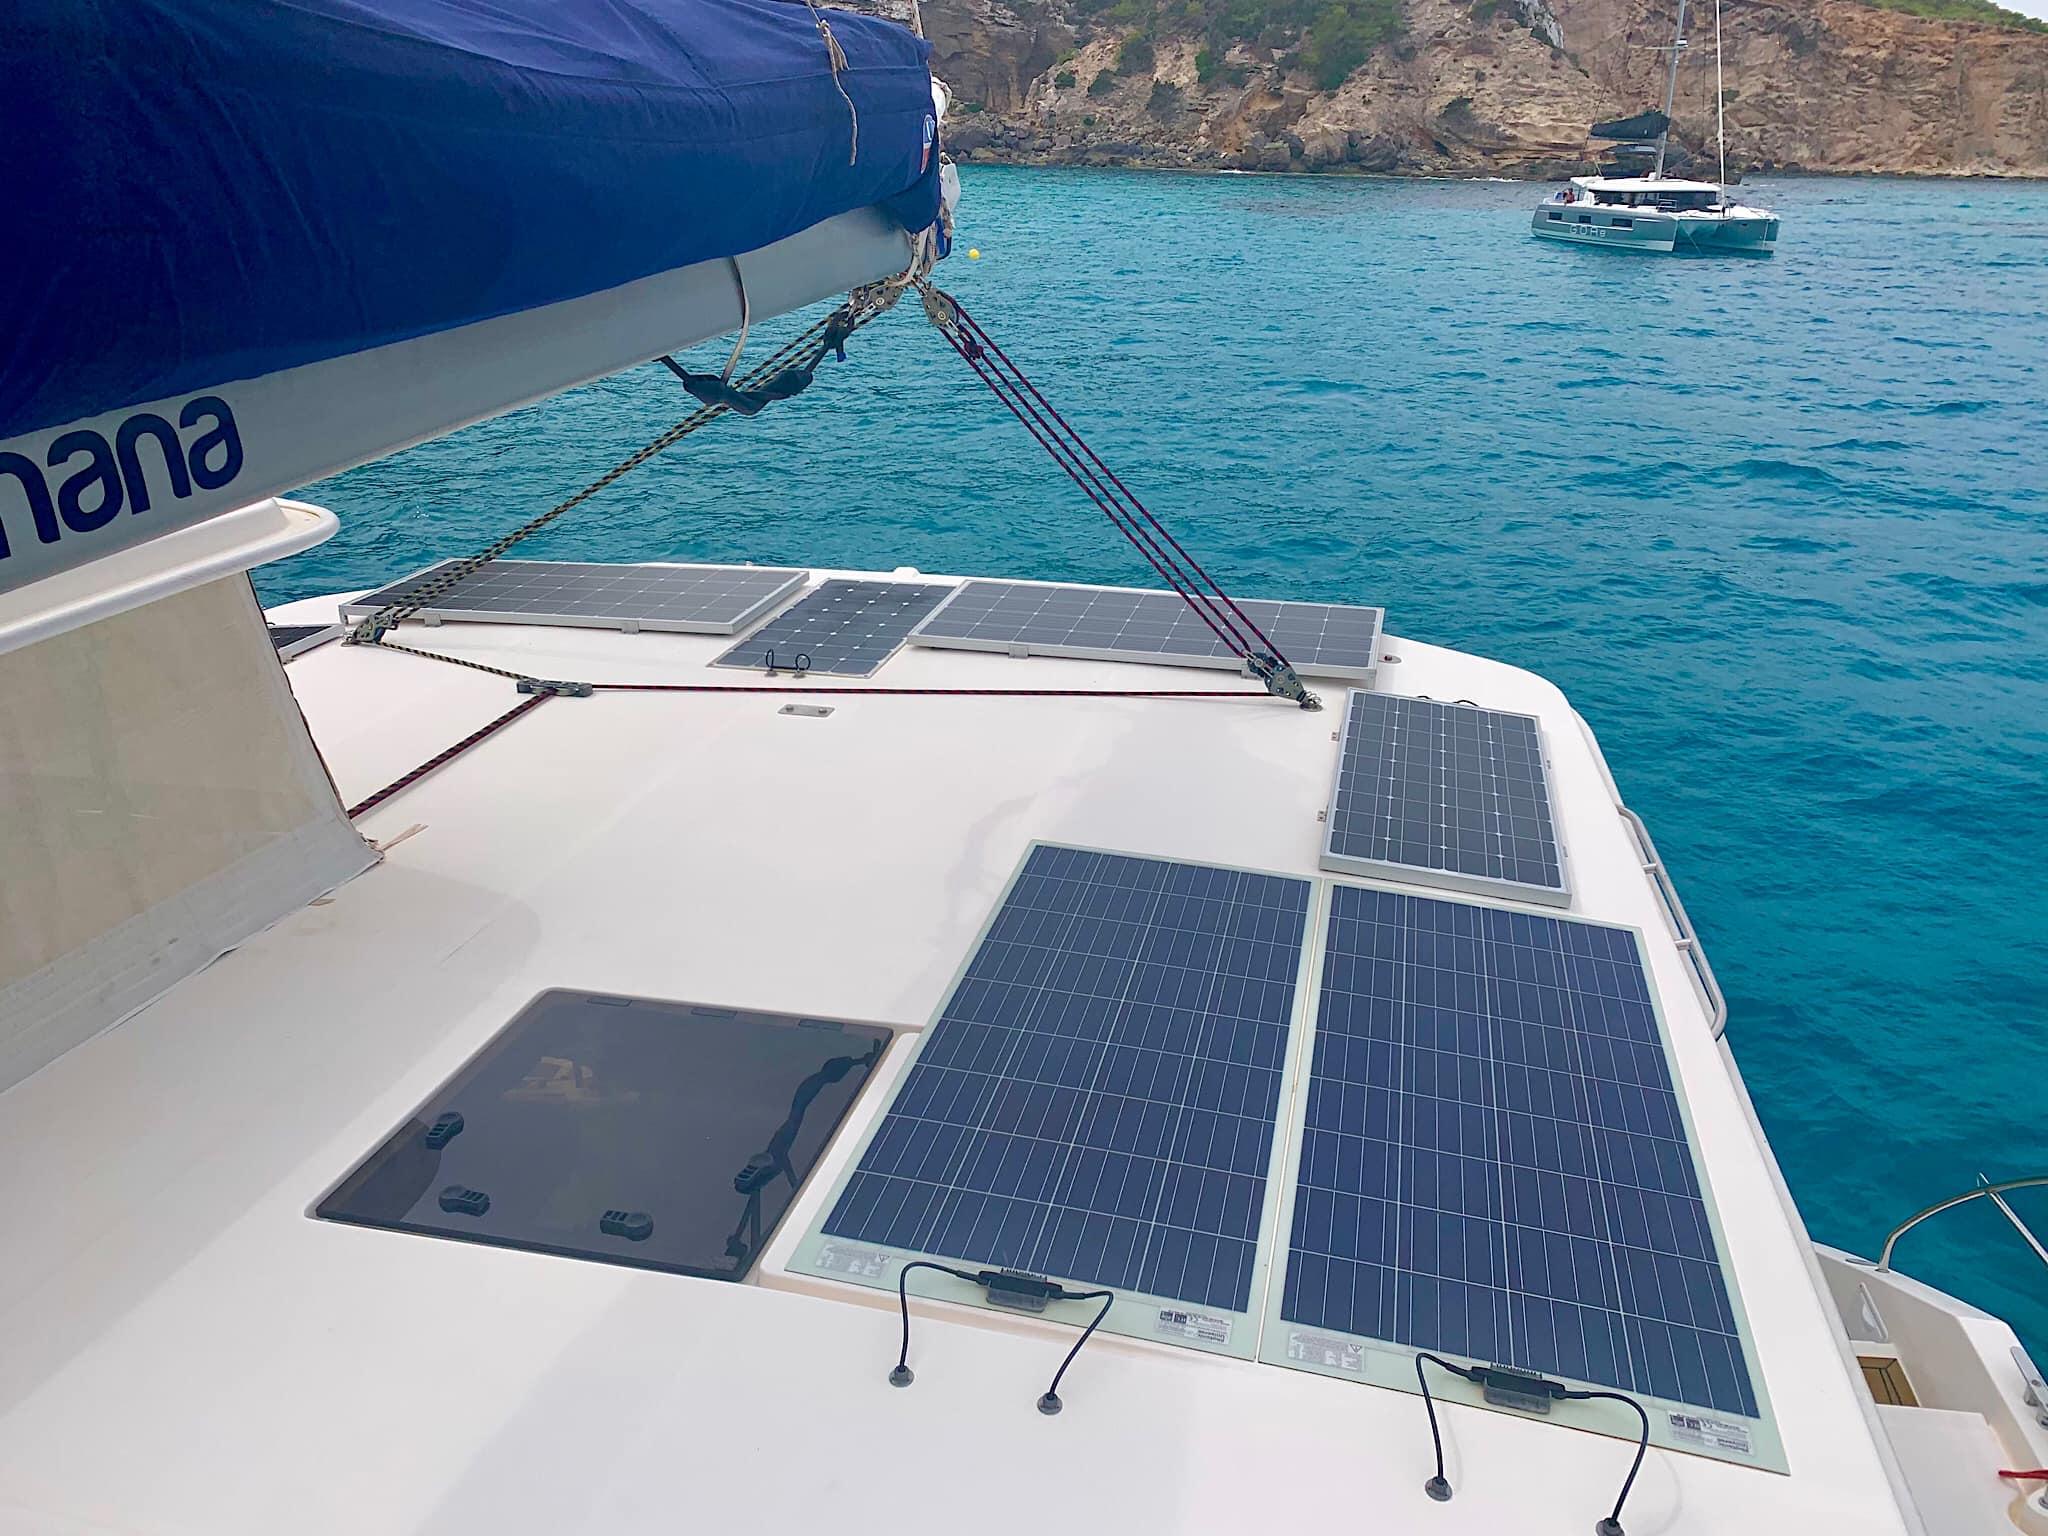 солнечные панели на катамараане